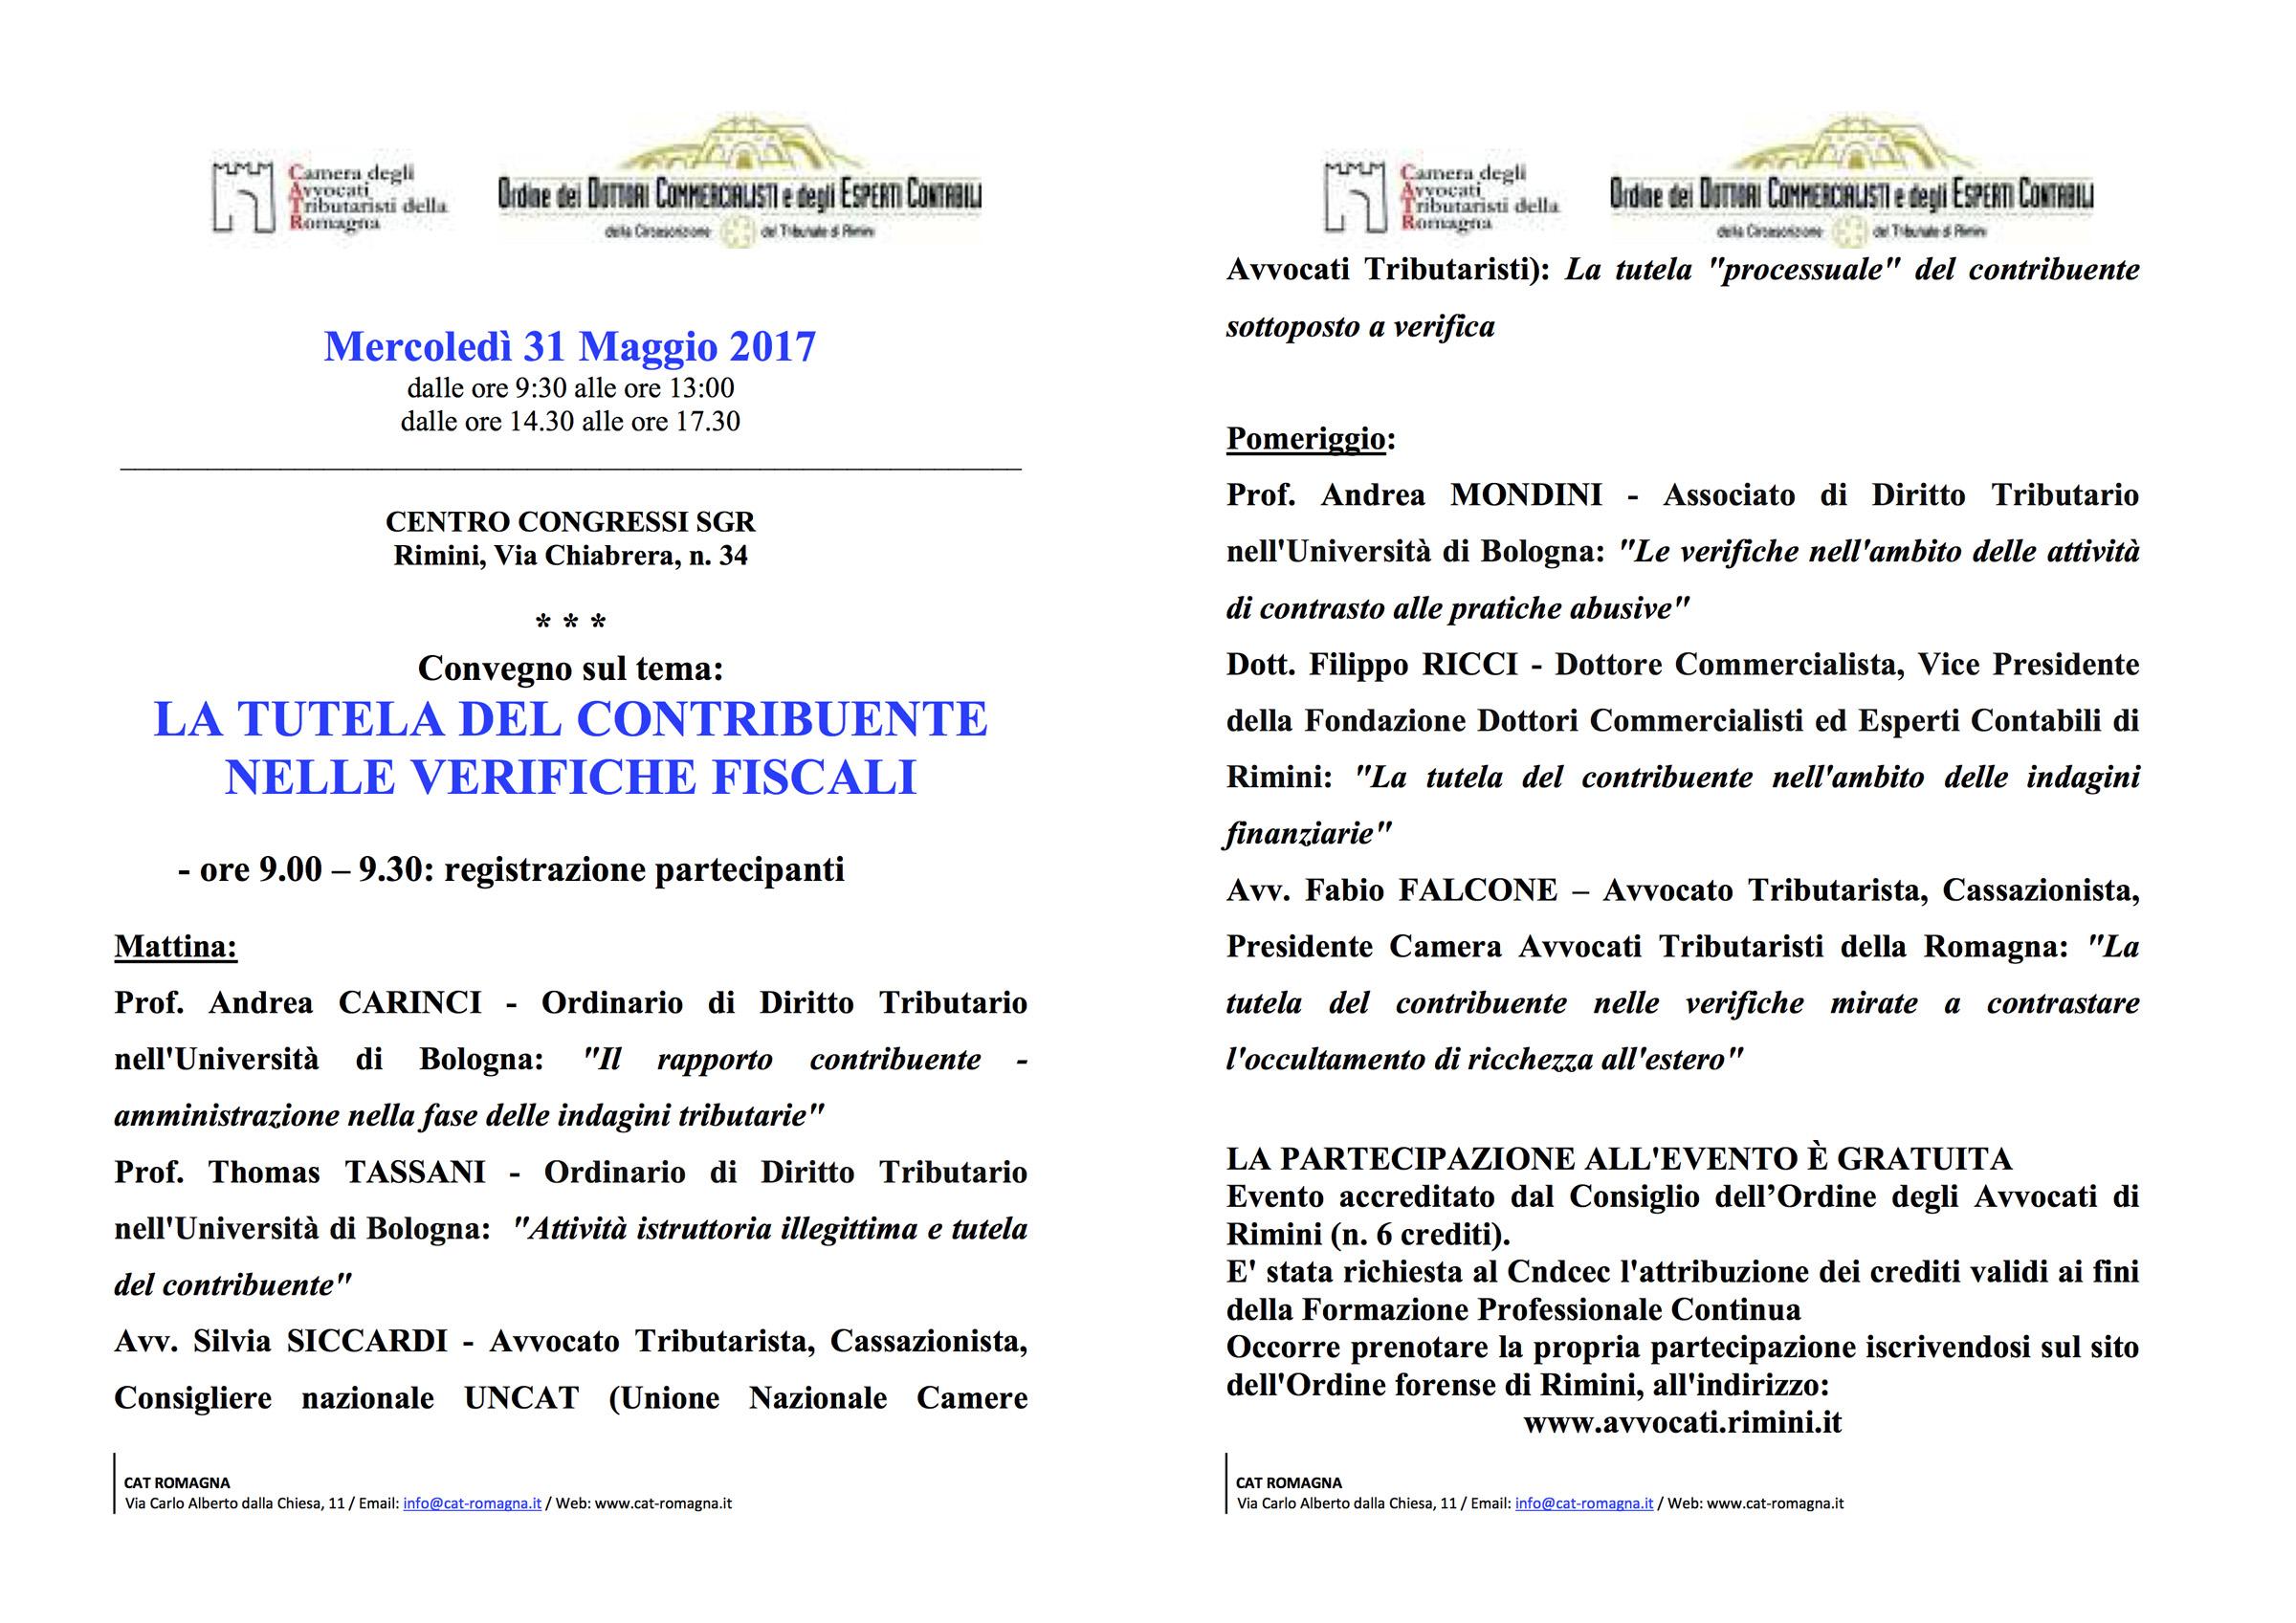 Convegno 31-05-2017 - La tutela del contribuente nelle verifiche fiscali_relatore Filippo Ricci, Dottore Commercialista